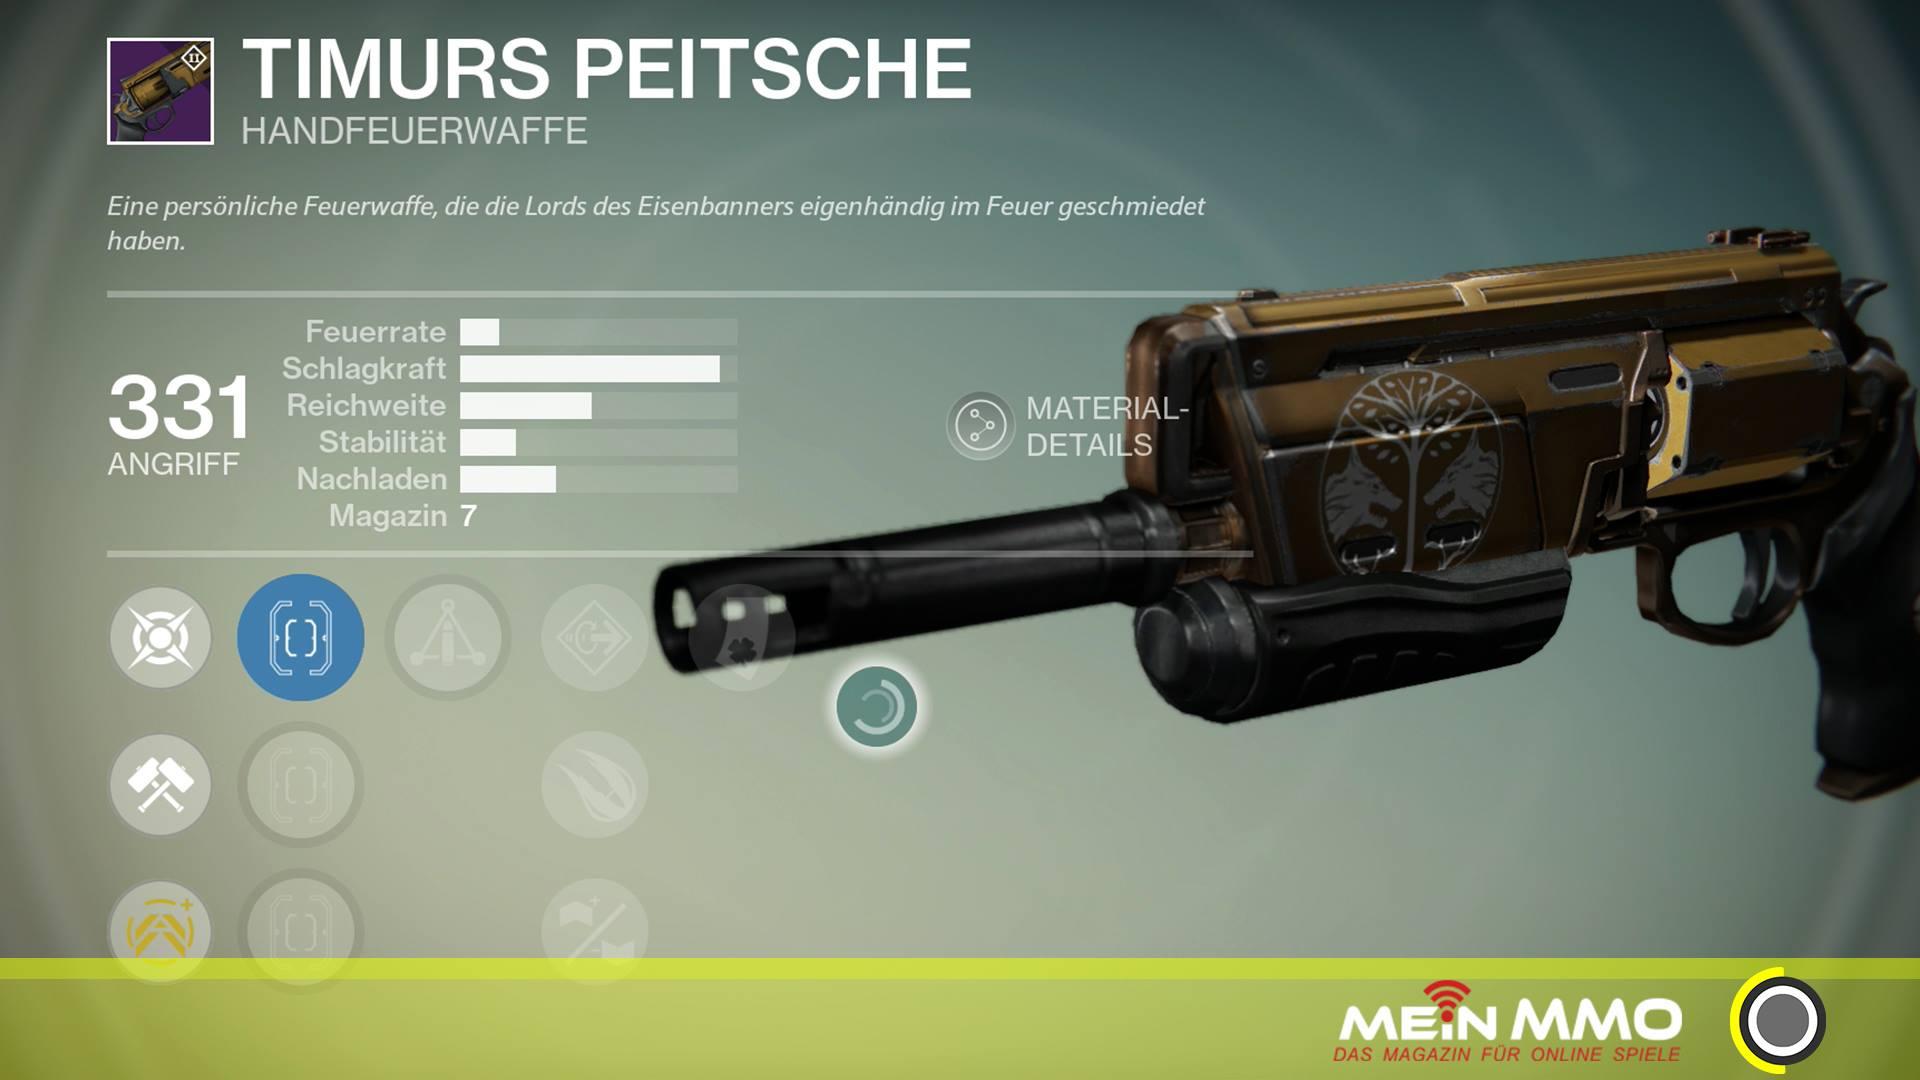 Timurs-Peitsche-Destiny